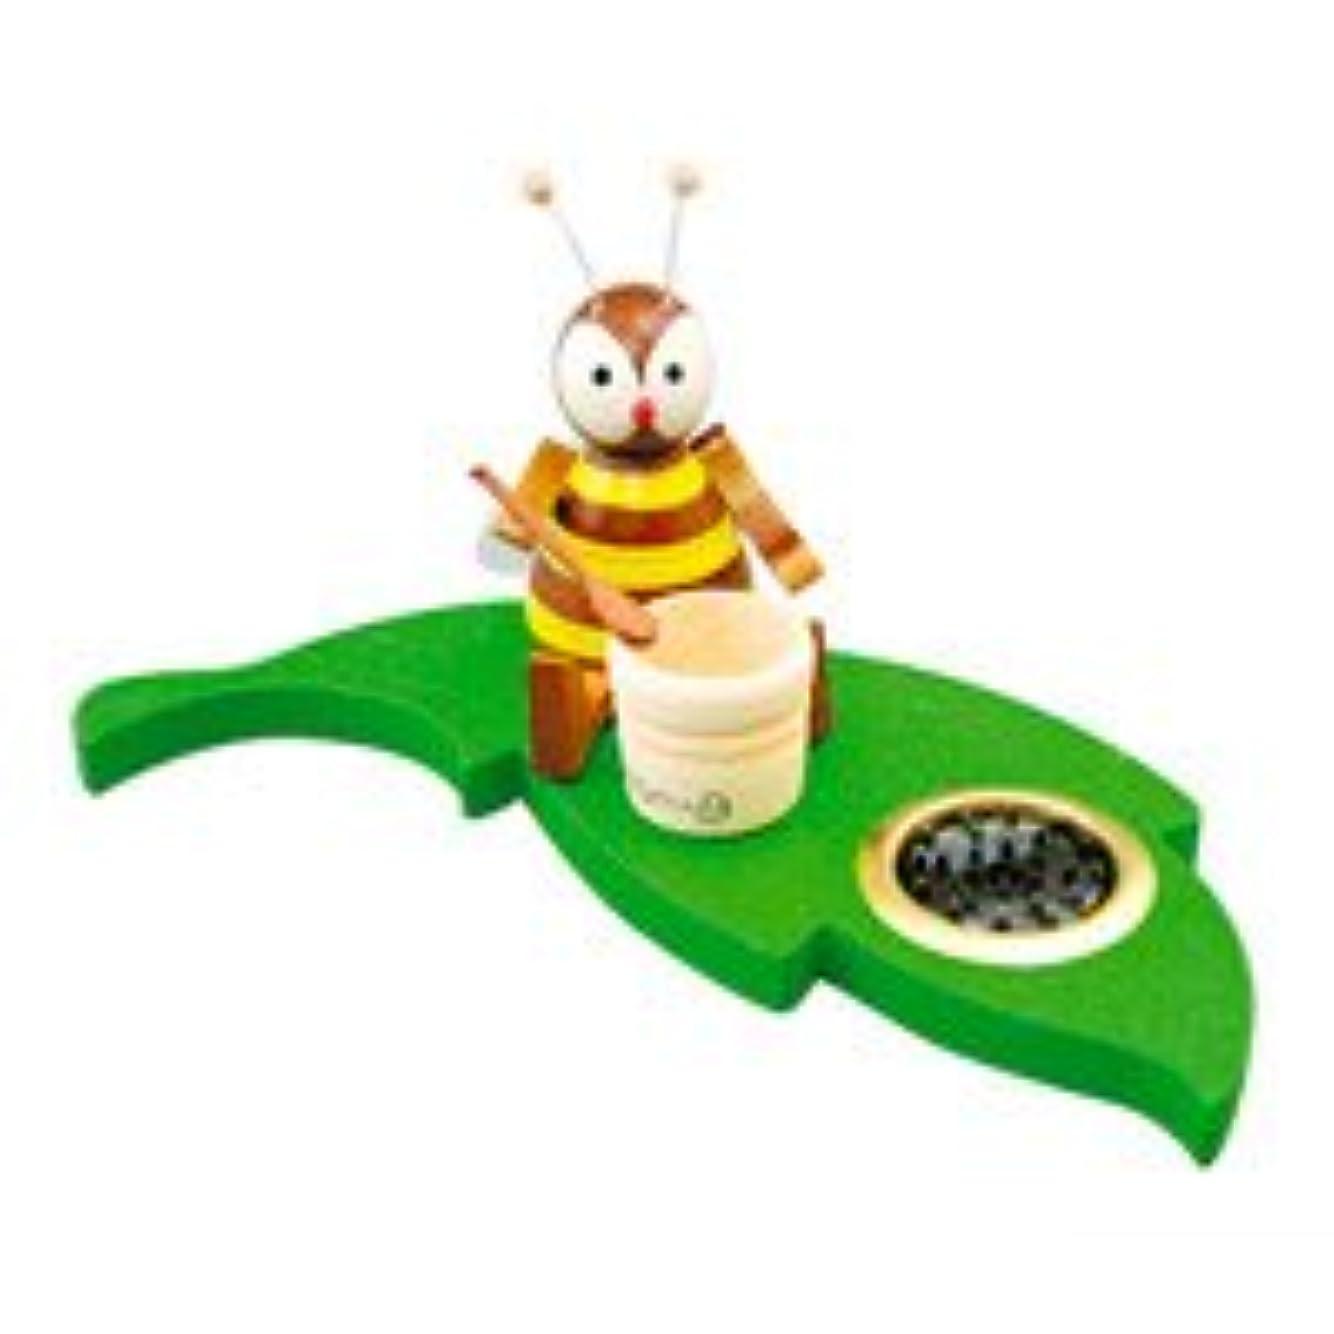 人里離れた窒息させる模索クーネルト インセンススタンド(香皿) ミツバチ ポット